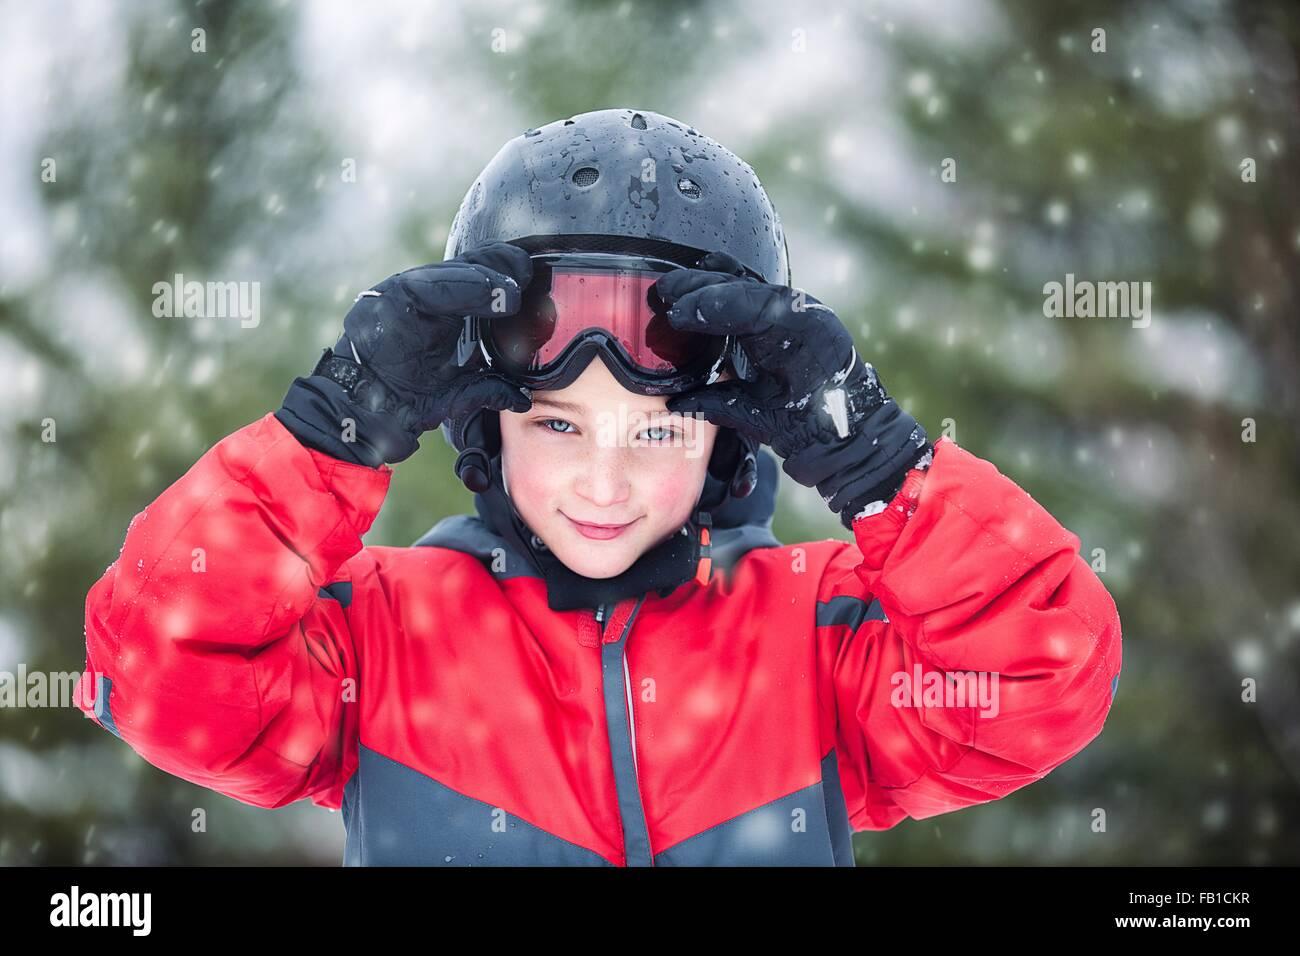 Niño con casco y gafas de esquí mirando a la cámara sonriendo, nevando Imagen De Stock